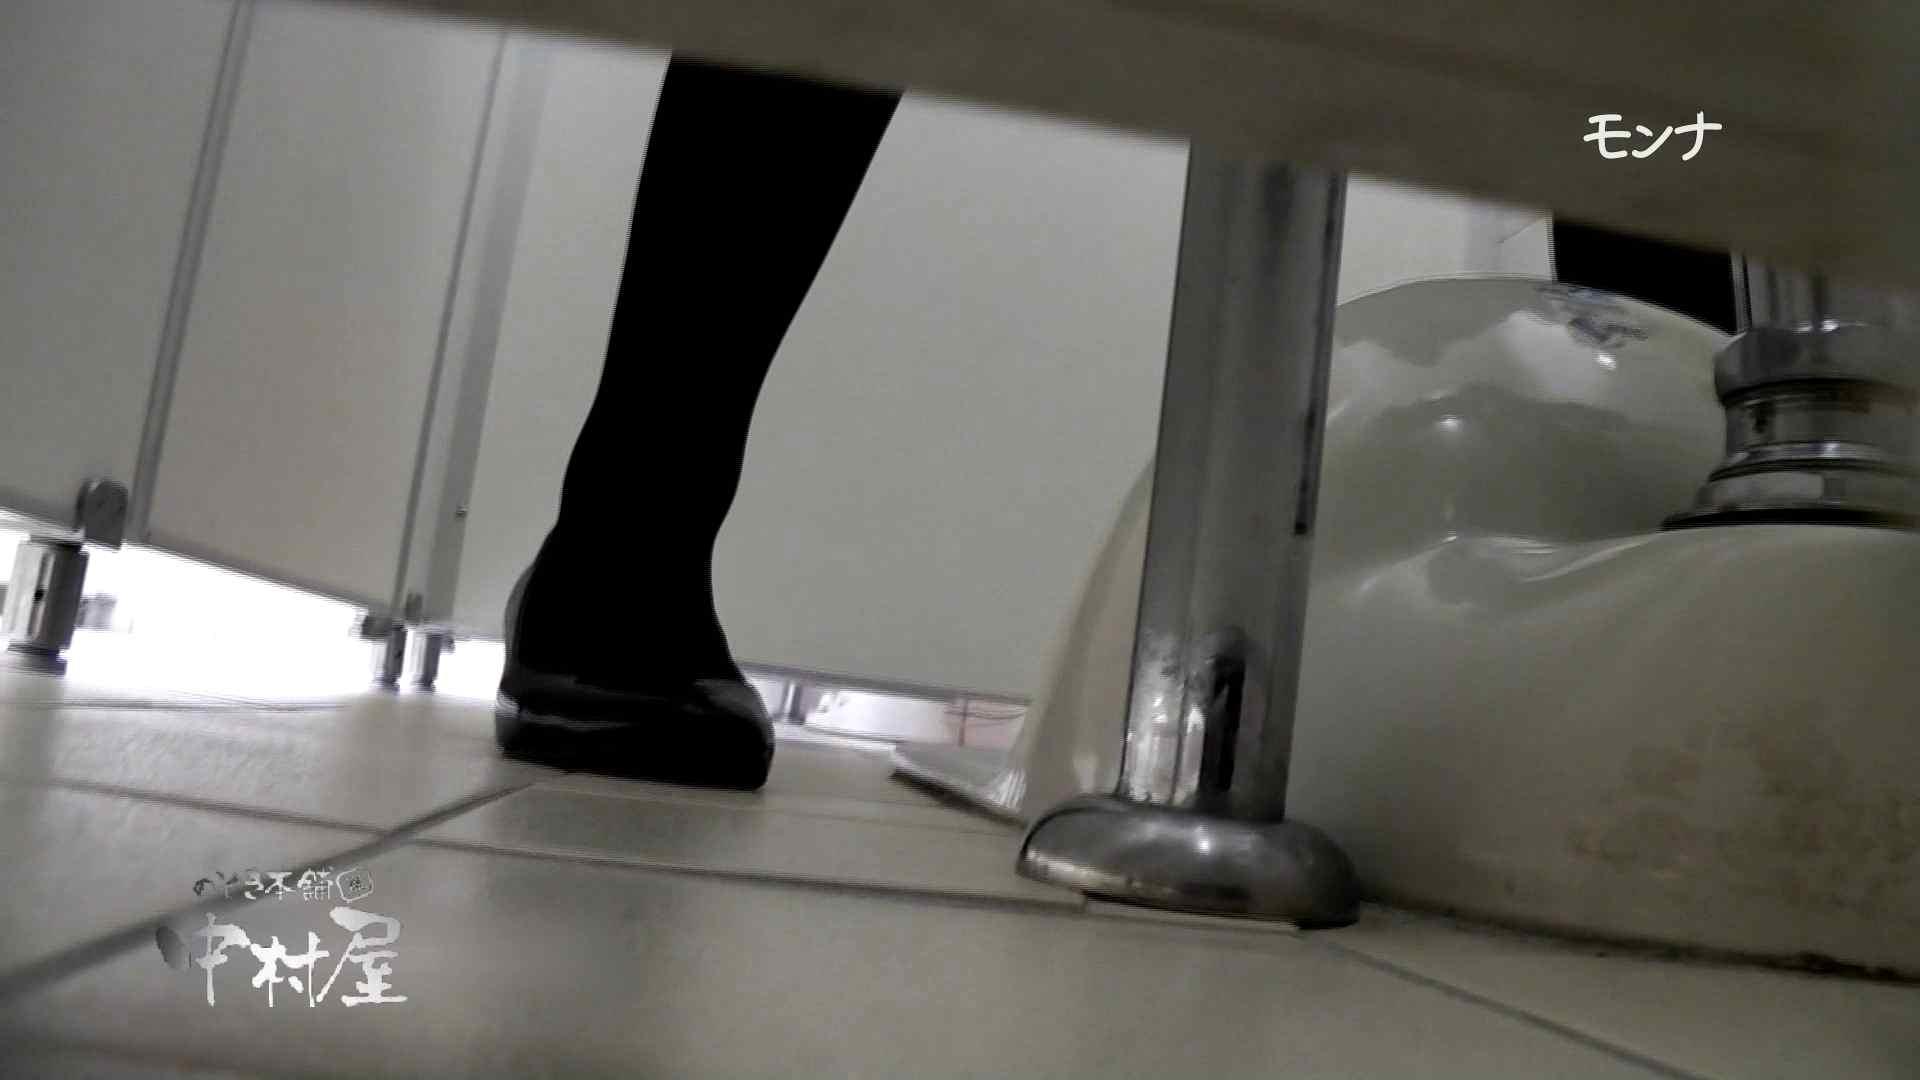 【美しい日本の未来】新学期!!下半身中心に攻めてます美女可愛い女子悪戯盗satuトイレ後編 悪戯 | 下半身  97pic 92